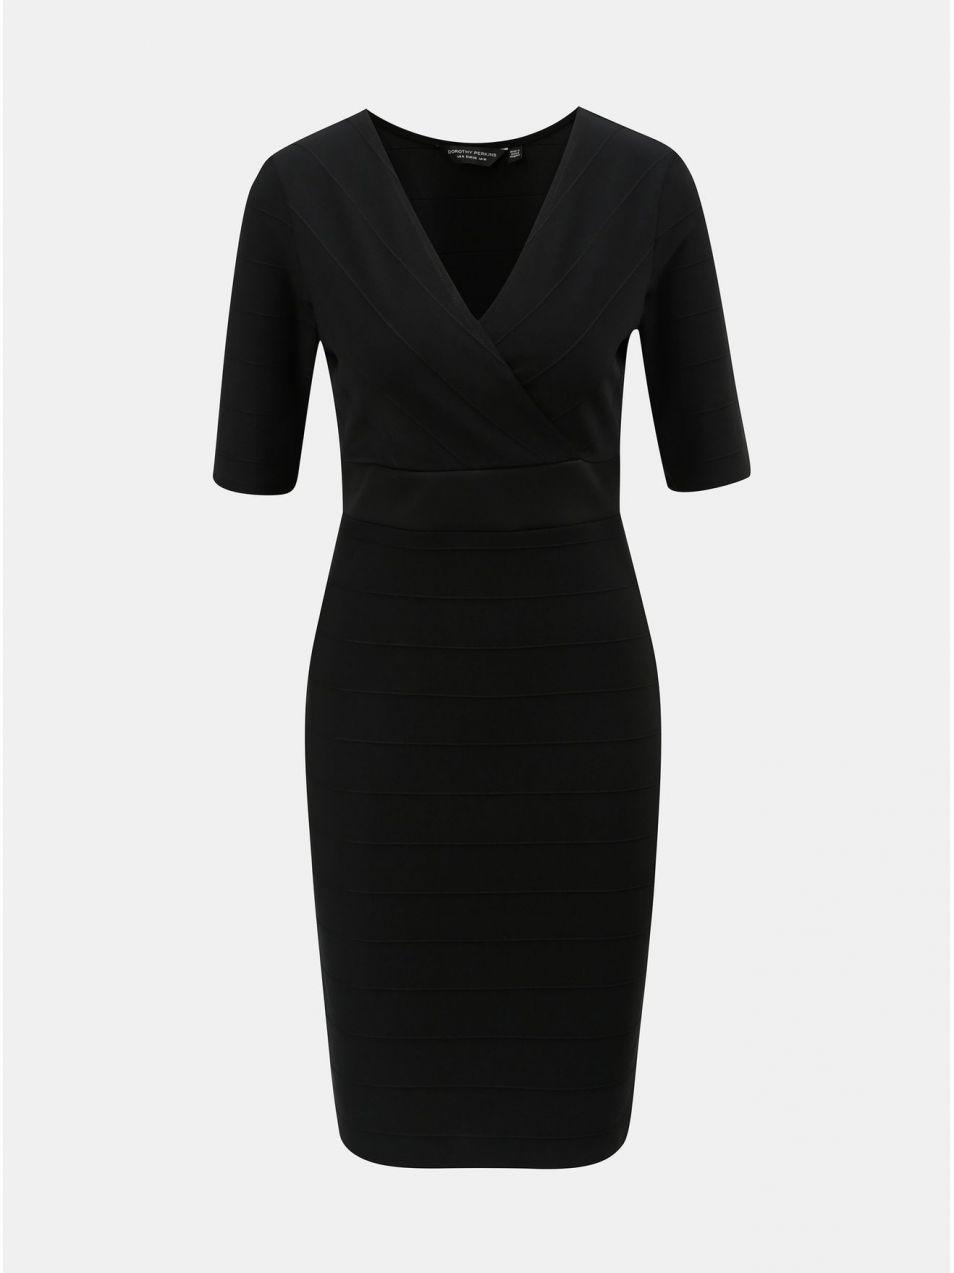 Čierne puzdrové šaty s prekladaným výstrihom Dorothy Perkins značky ... ec152bdd8d6